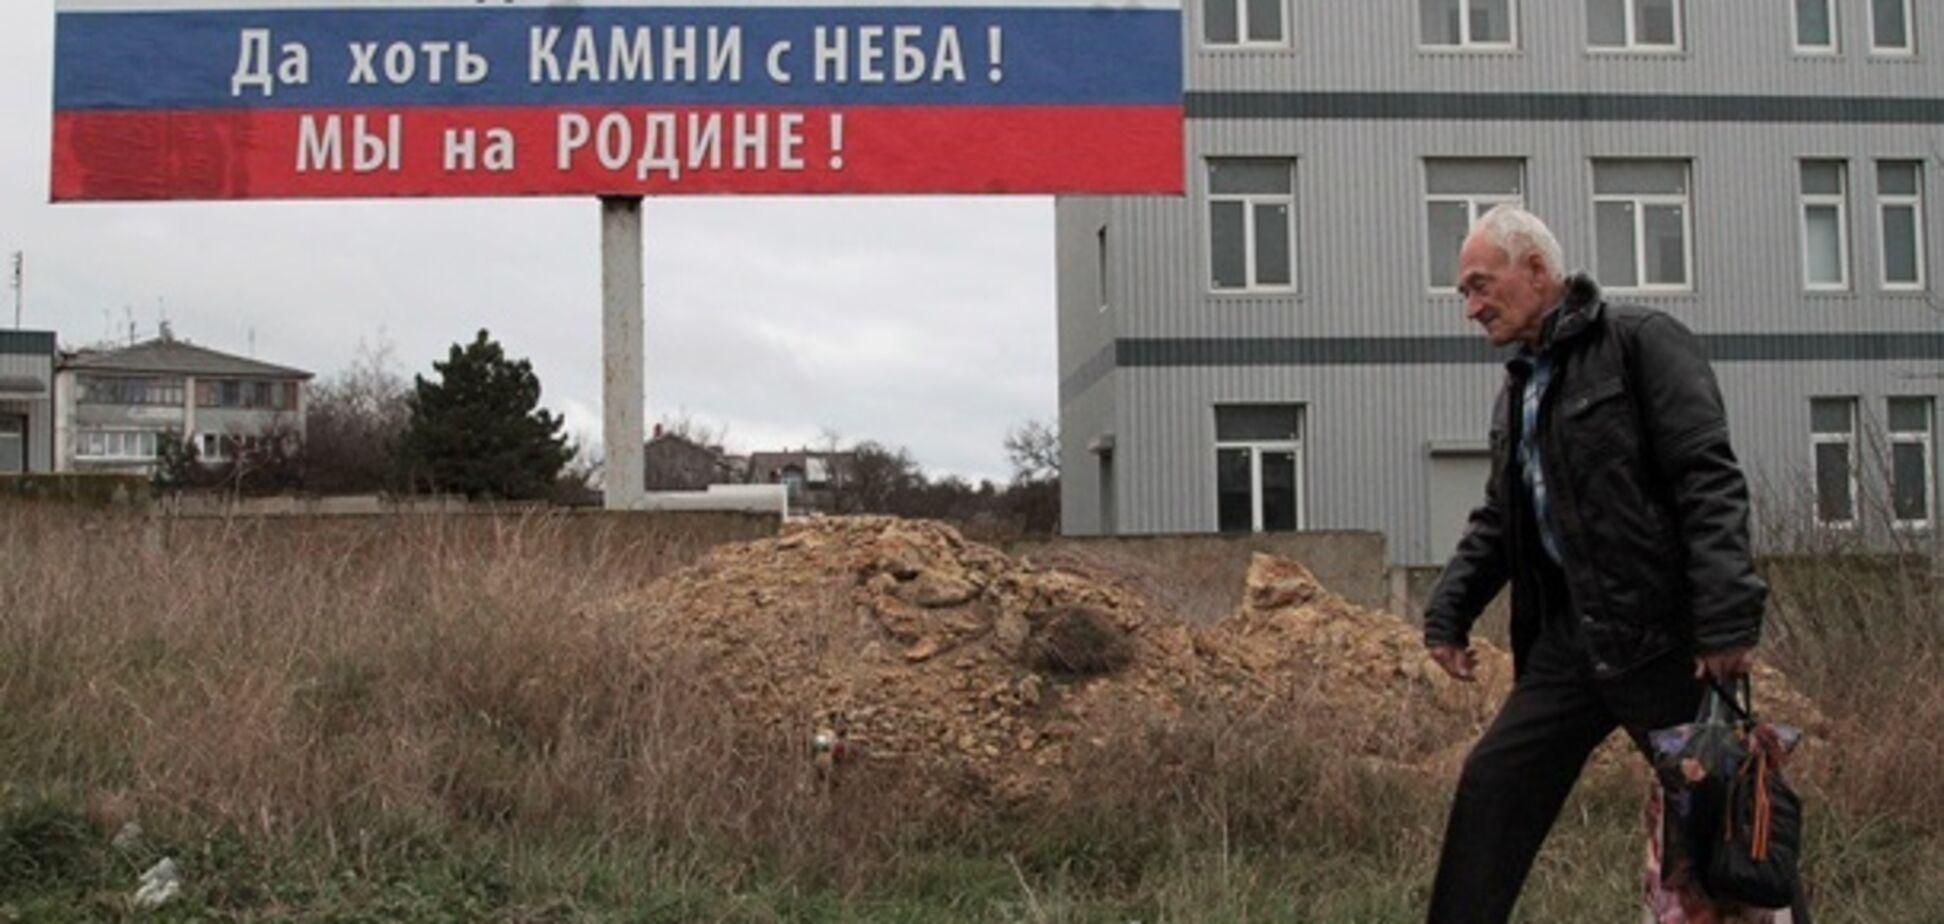 'Немає такої схеми': голова 'Ощадбанку' зробив сумне зізнання про Крим